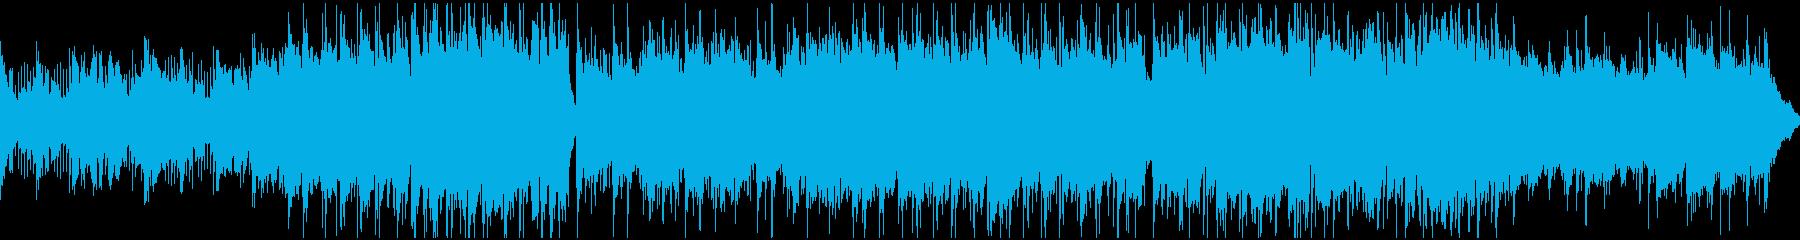 切ないケルト曲(ループ)の再生済みの波形